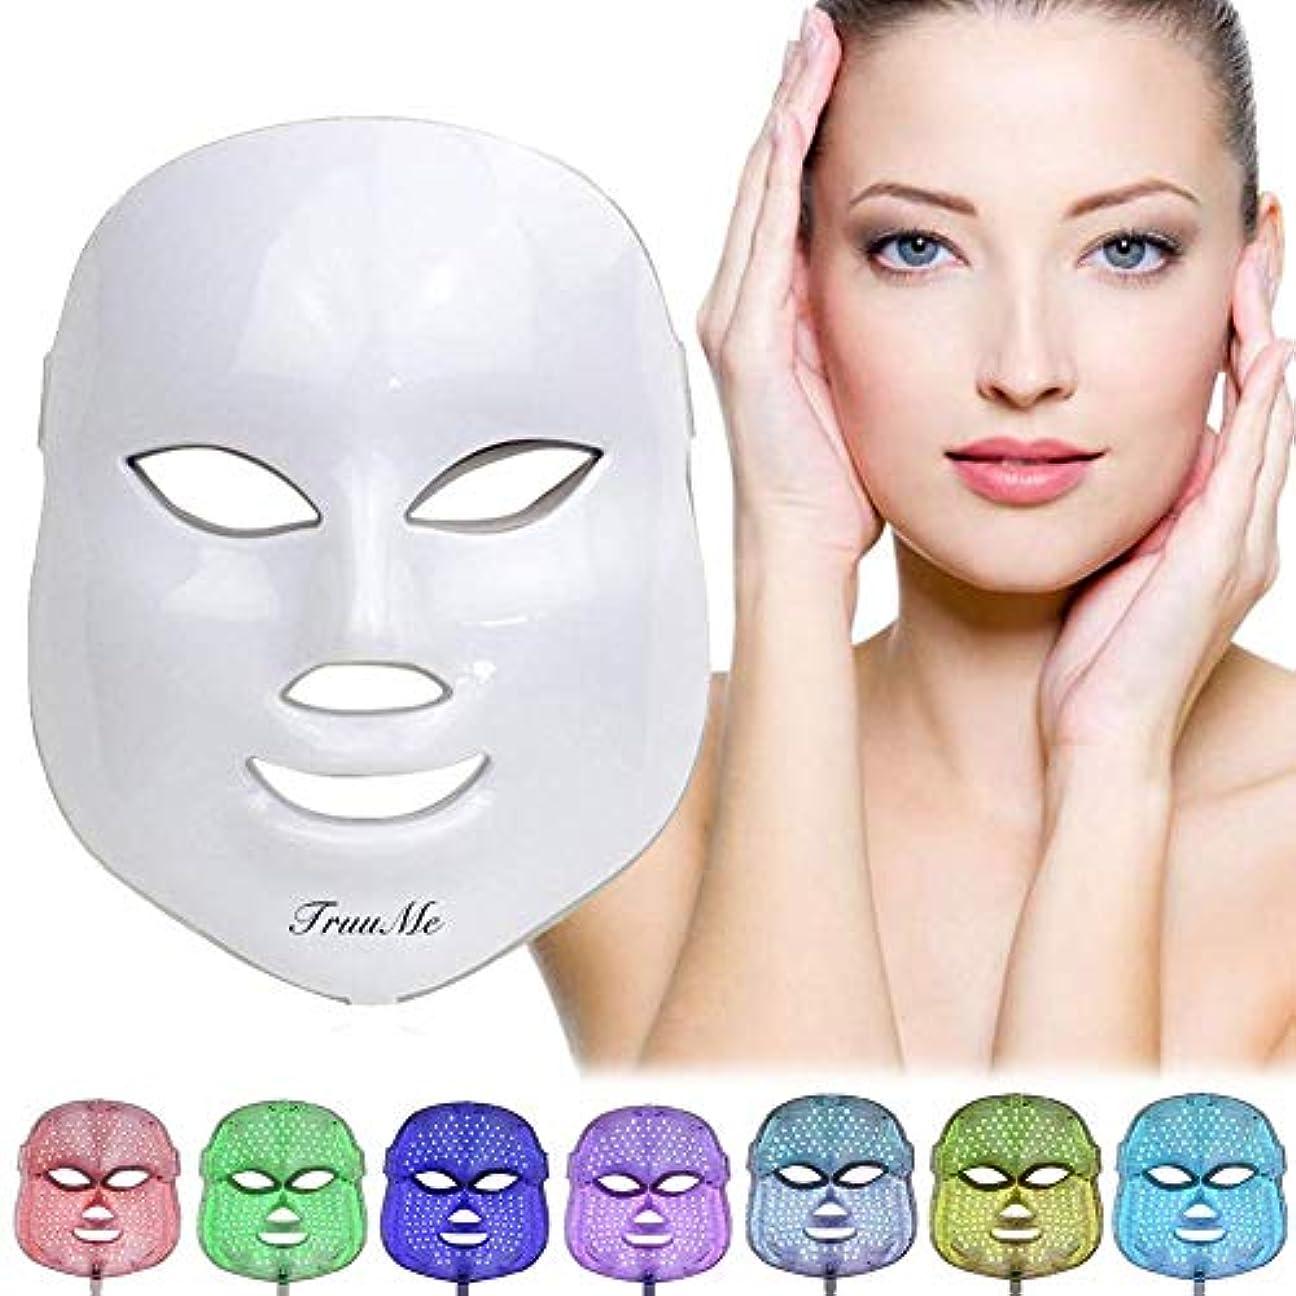 下る難しいシリングLEDフェイスマスク、ライトセラピーニキビマスク、LEDフェイシャルマスク、光線療法マスク、LEDエレクトリックフェイシャルマスク、7色光治療、ニキビ治療用マスク、斑点、にきび、皮膚のシミ